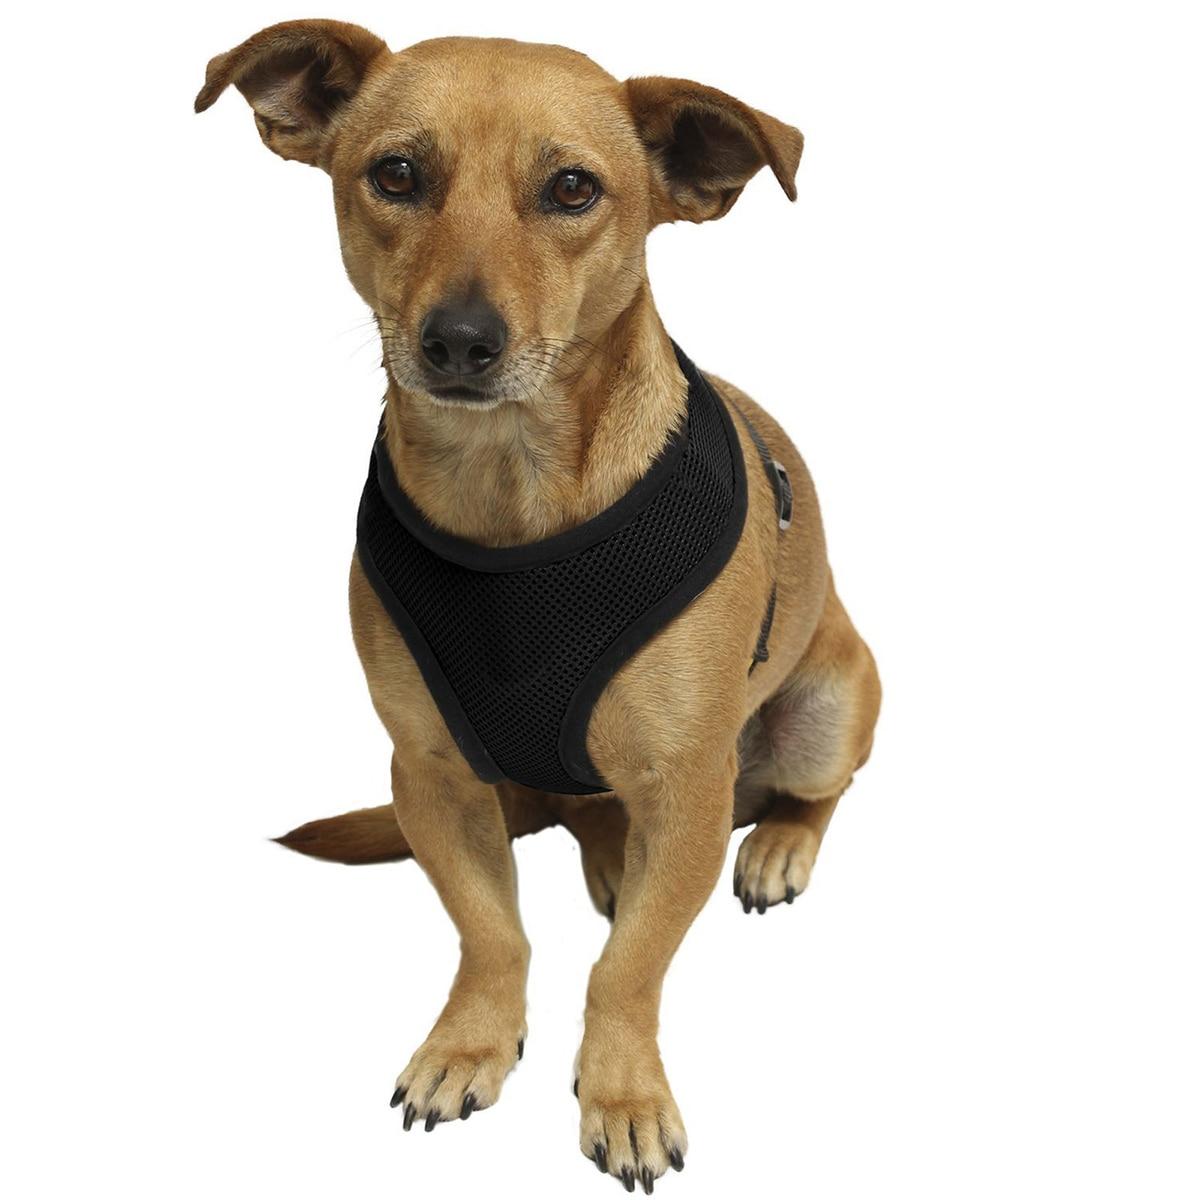 1 St Puppy Kat Kraag Huisdier Vest Borst Riem Riem Nieuwe Verstelbare Hond Lijn Met Ademend Nylon Mesh Vest Comfortabel Harnas Hond Wees Vriendelijk In Gebruik